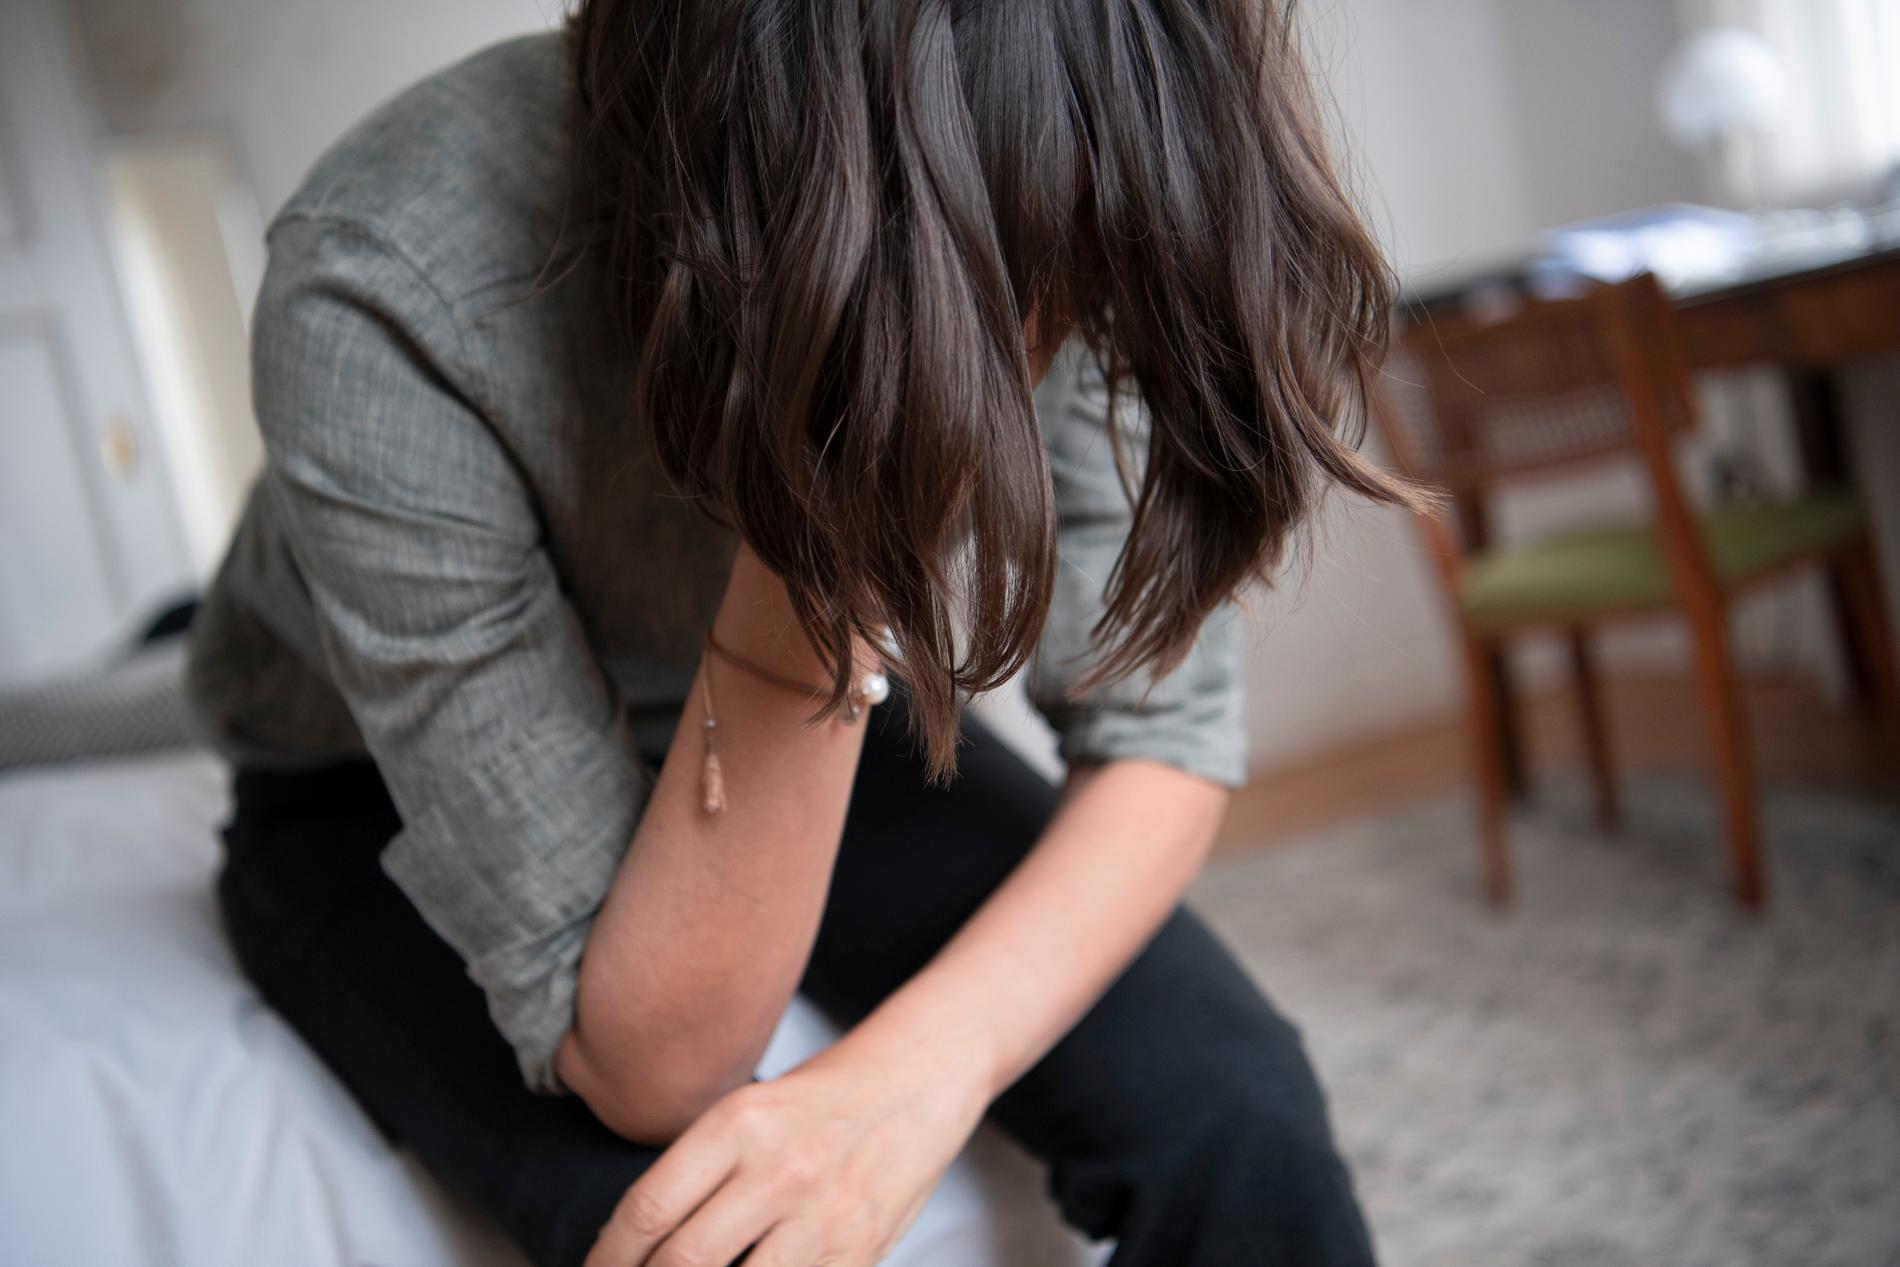 Antalet självmord minskade i Sverige under 2020 jämfört med 2019. Arkivbild.